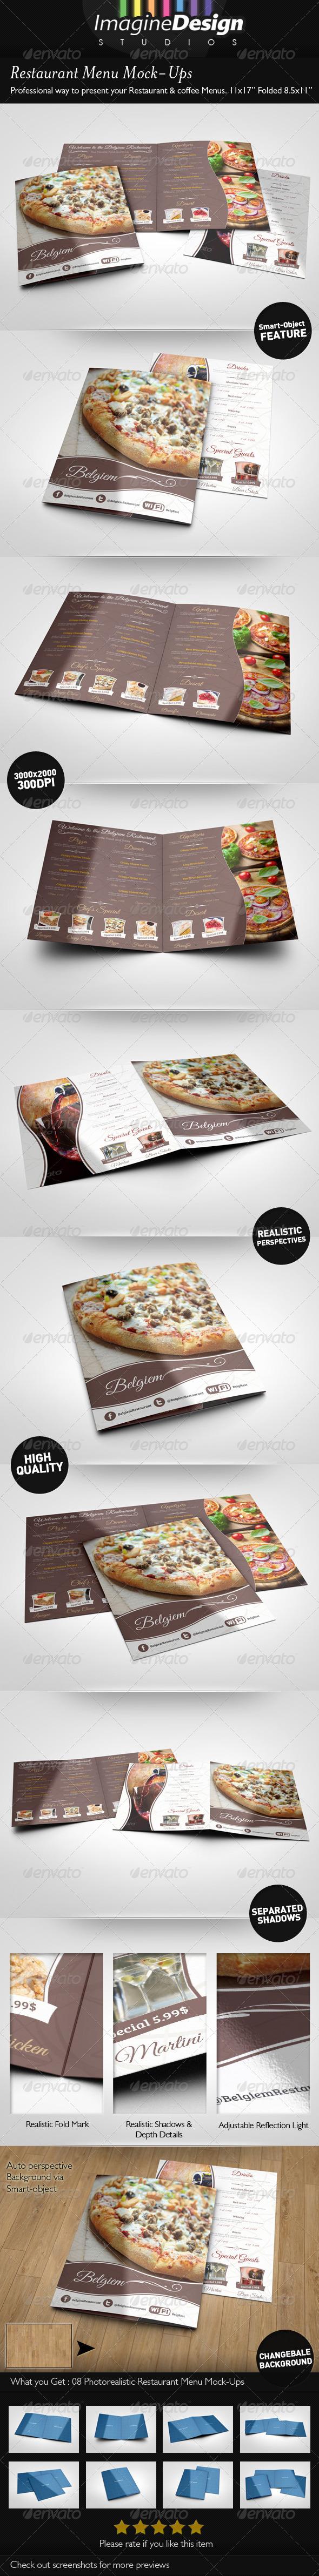 Restaurant Menu Mock-Ups - Print Product Mock-Ups